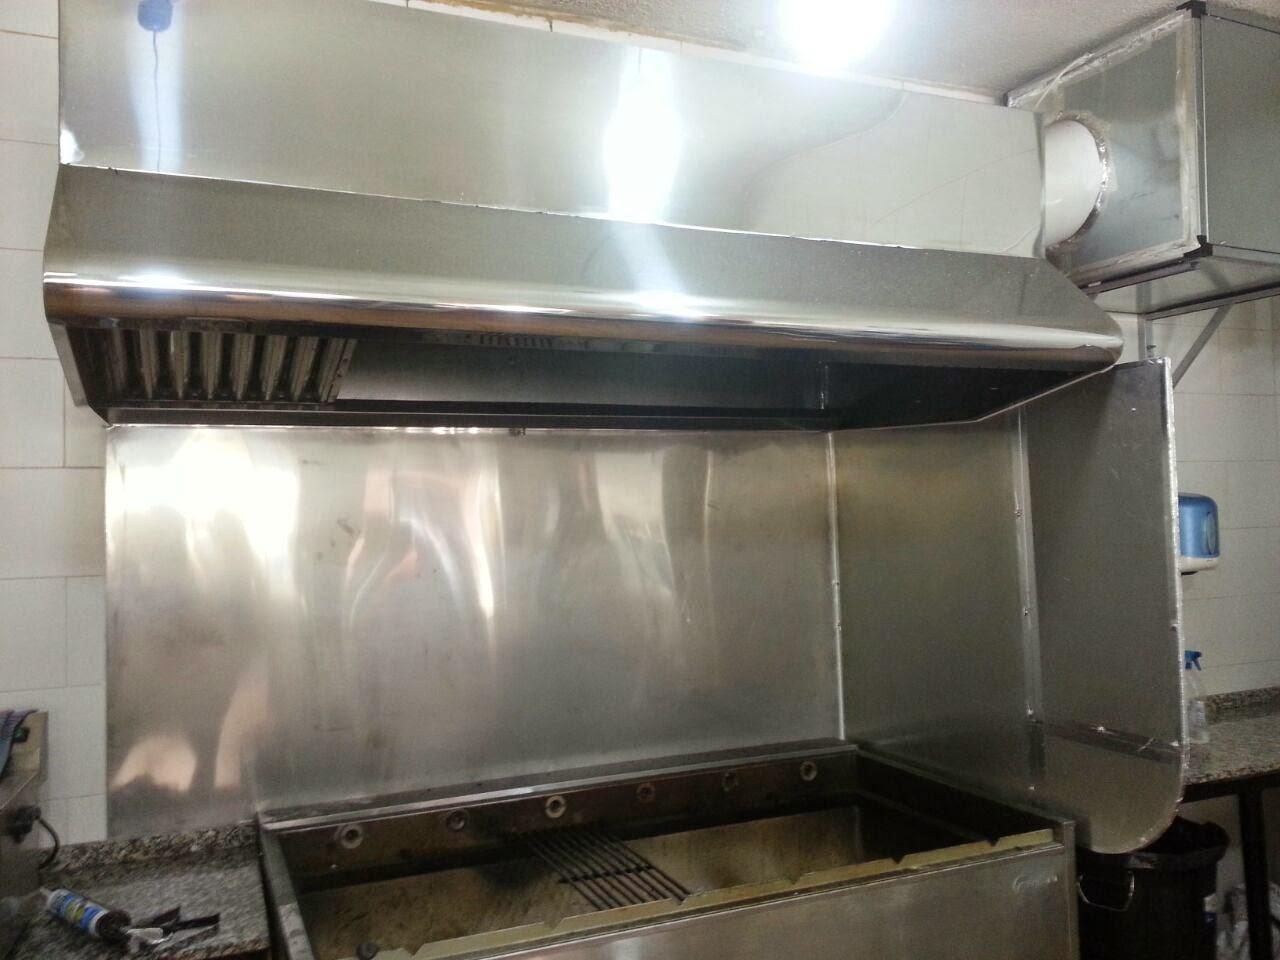 Reparar cajas extracci n cajas extracci n humos cajas - Cajas para cocina ...